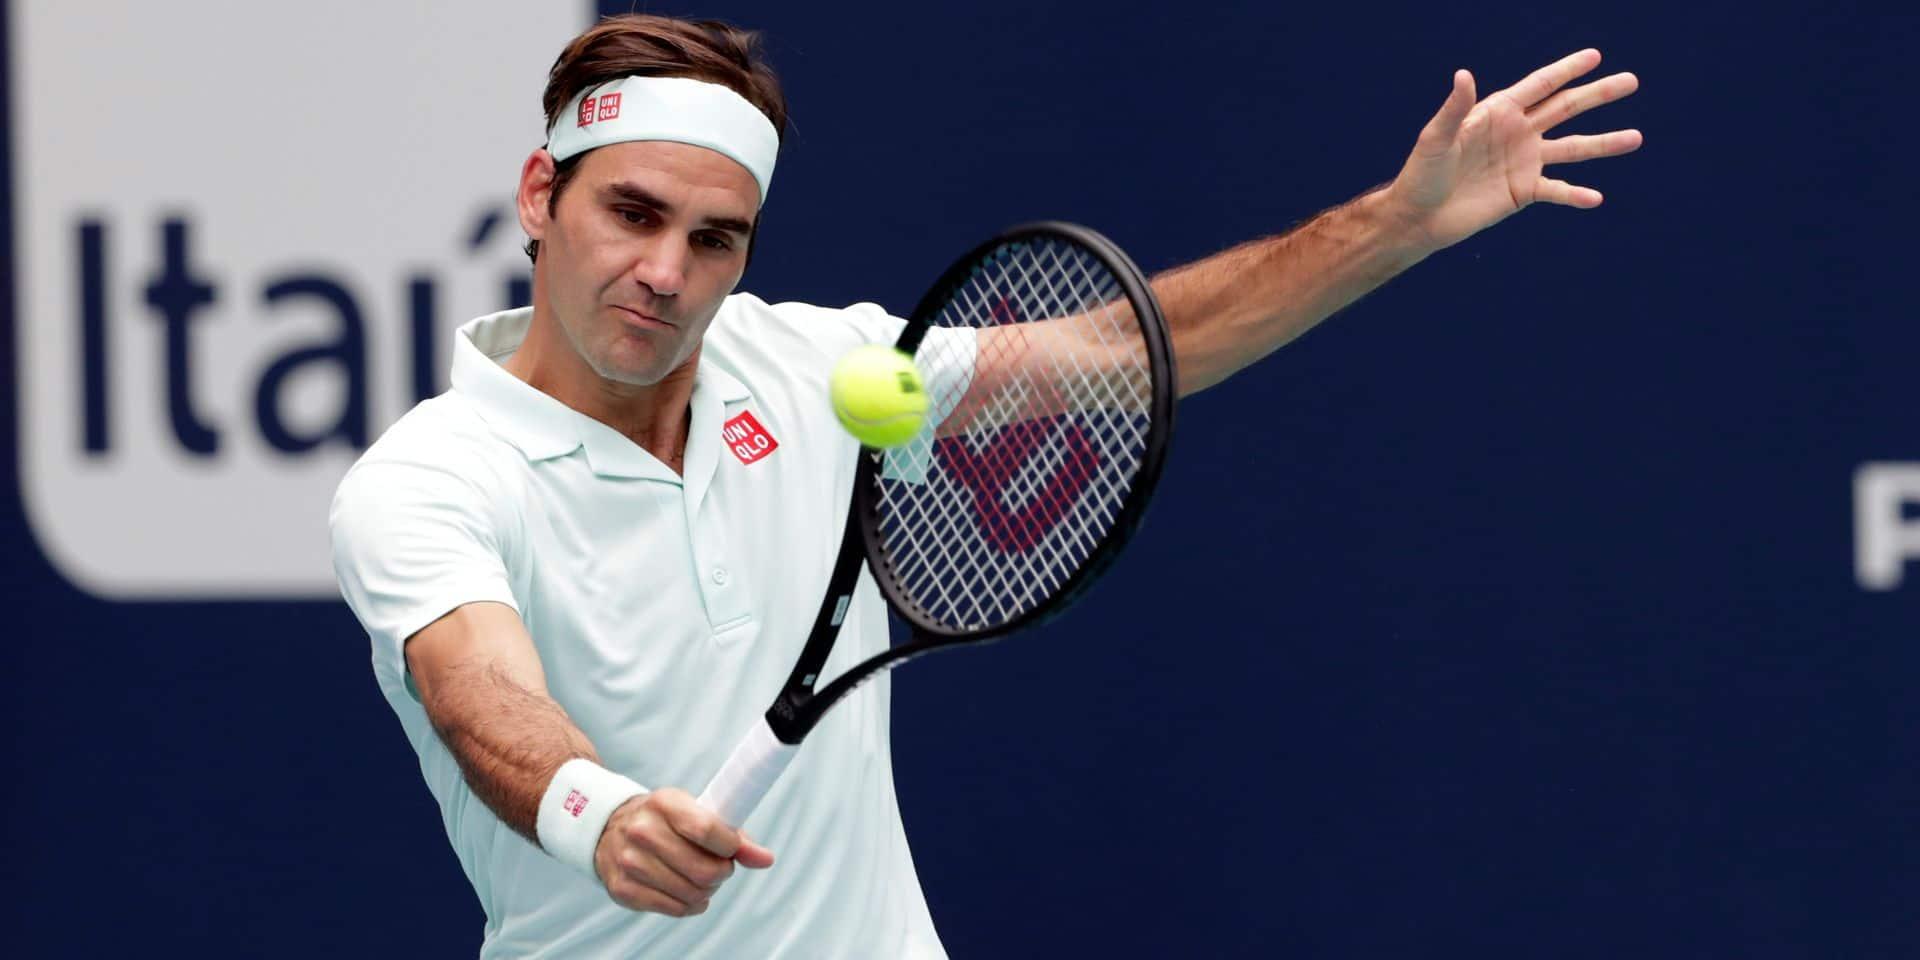 Jo 2020 La Finale Du Tournoi De Tennis Masculin Se